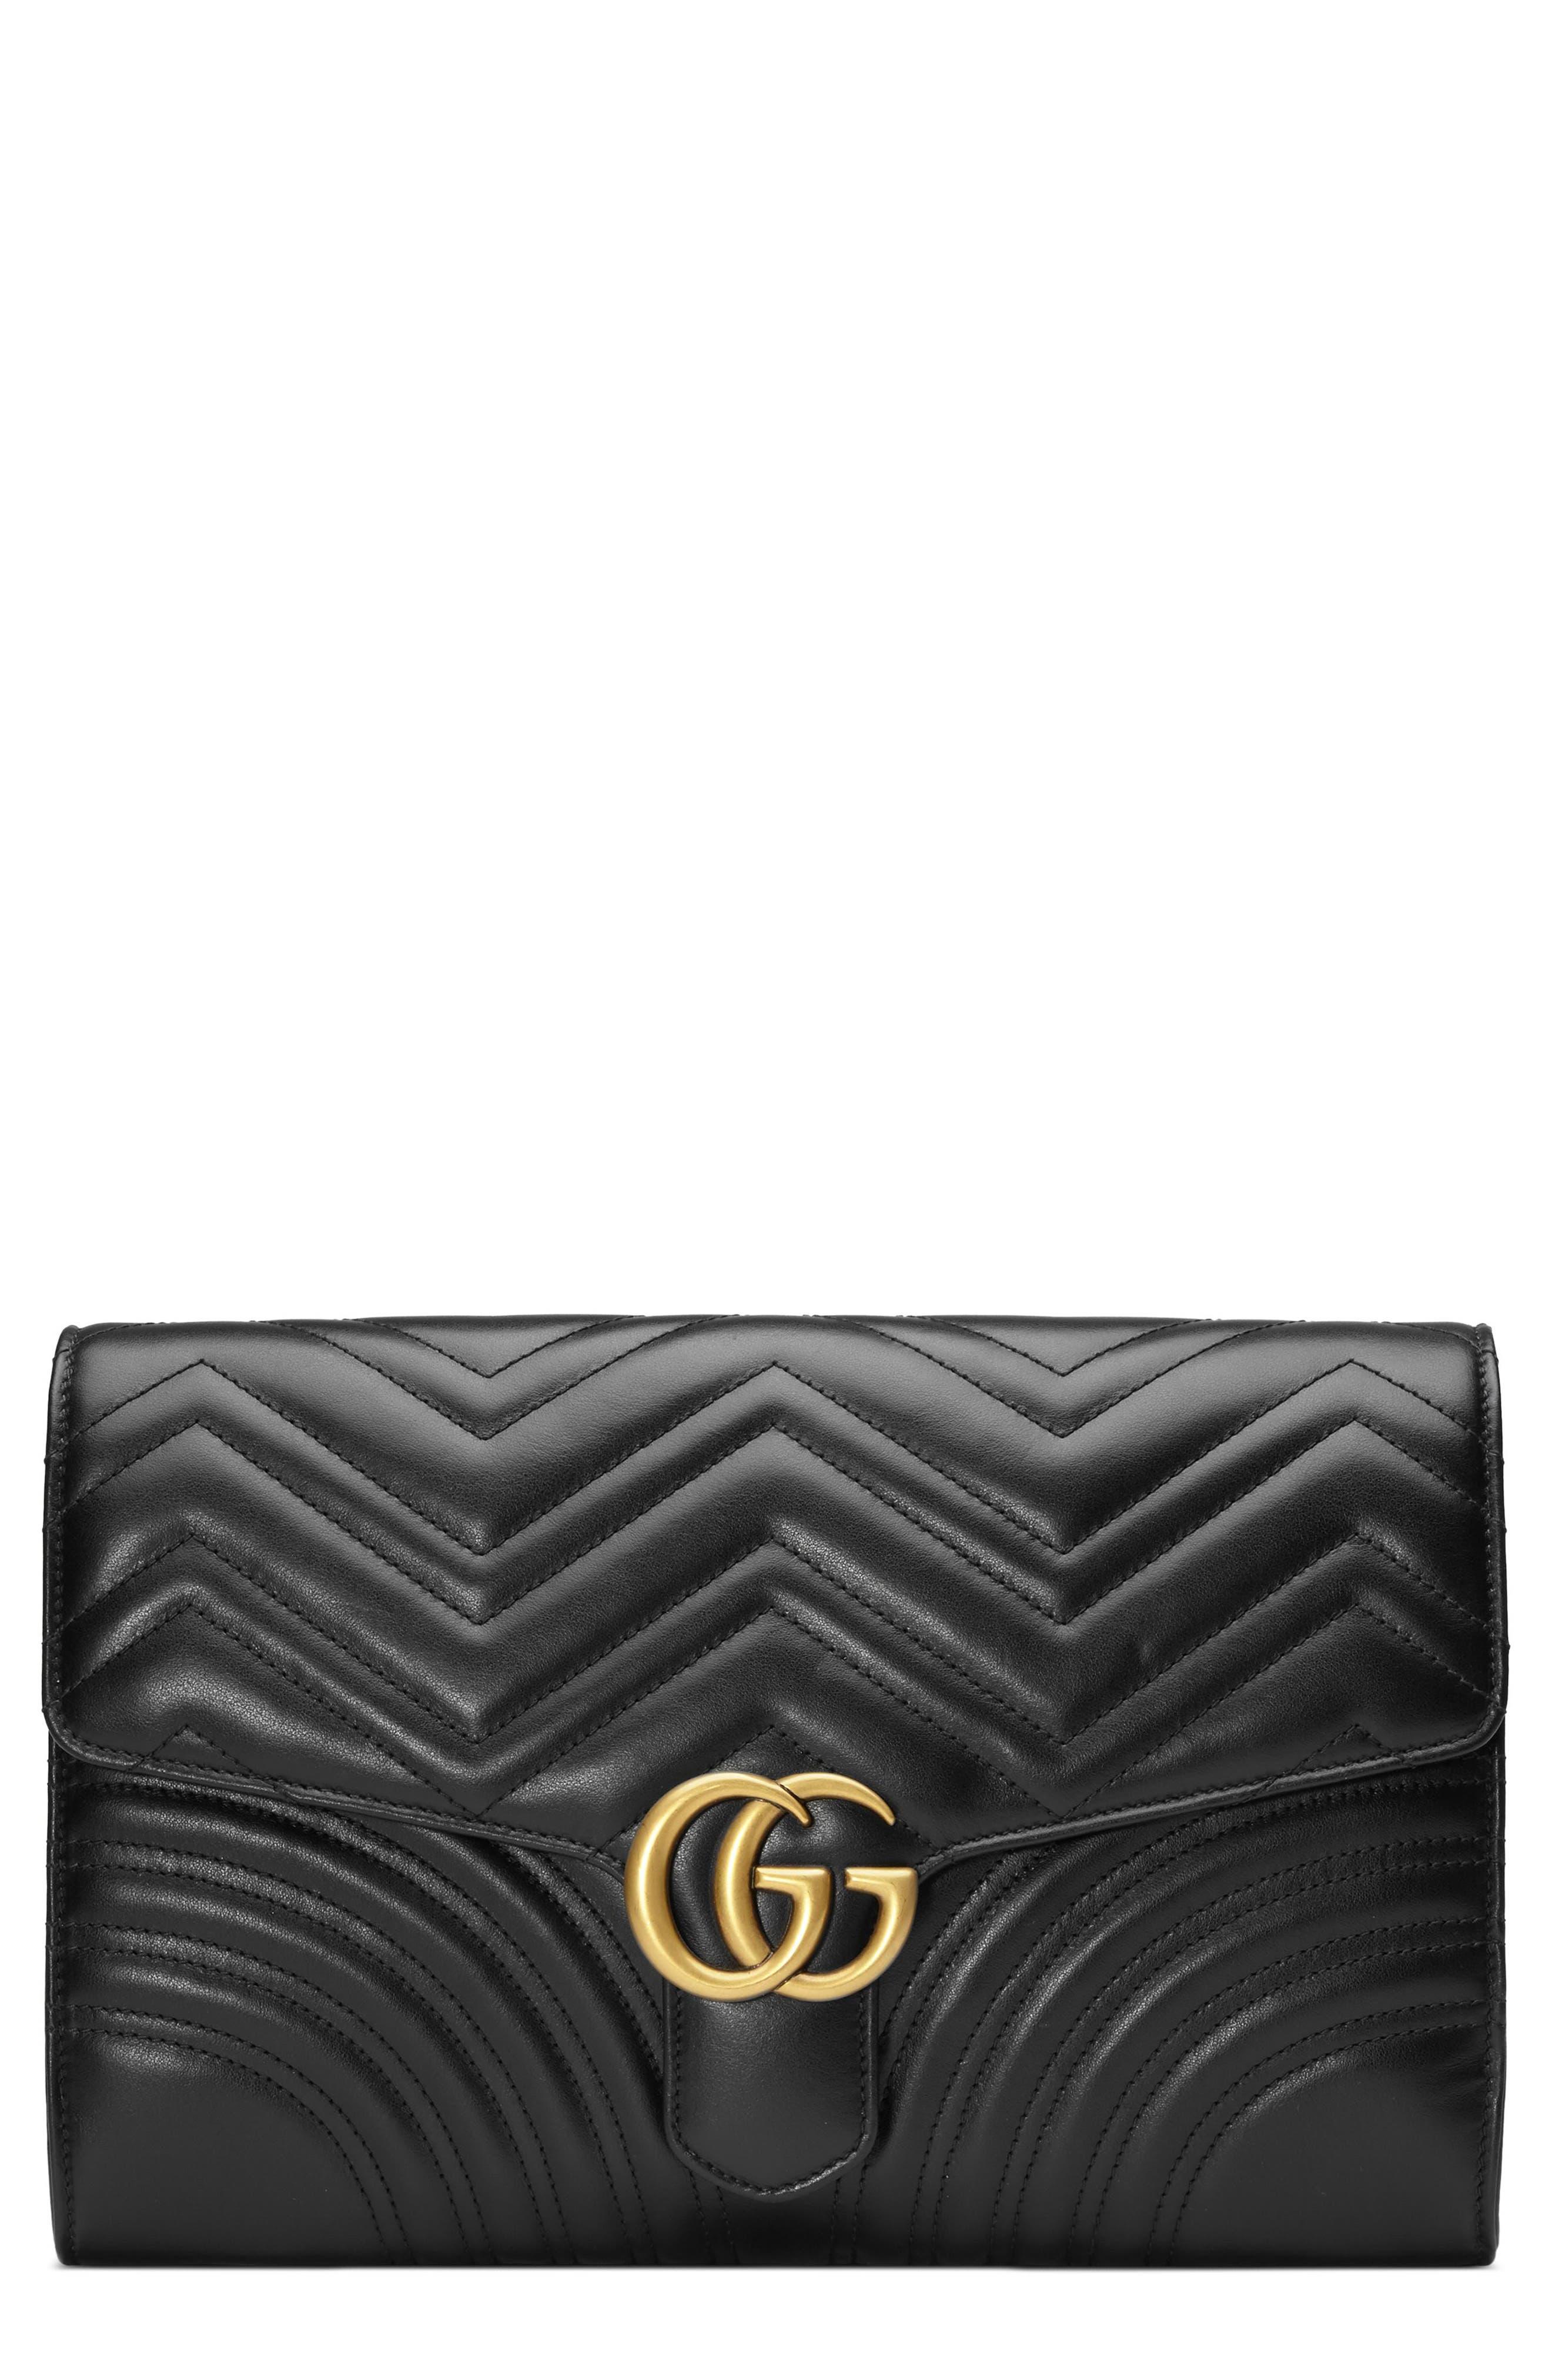 GUCCI GG Marmont 2.0 Matelassé Leather Clutch, Main, color, NERO/ NERO